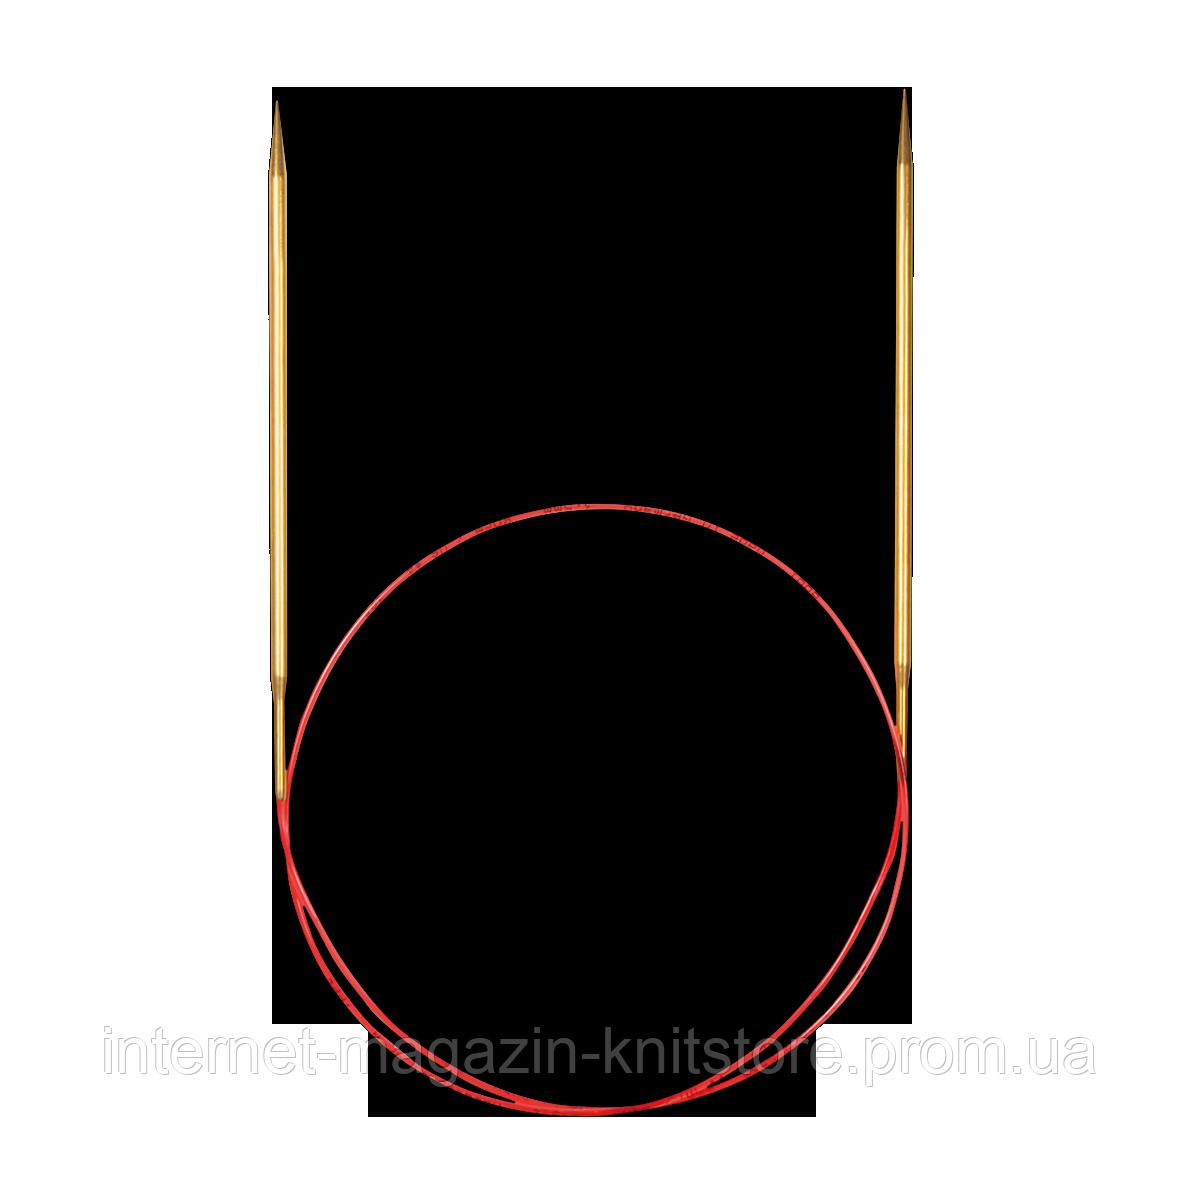 Спиці ADDI | кругові | c витягнутим кінчиком | 50 см | 4.5 мм